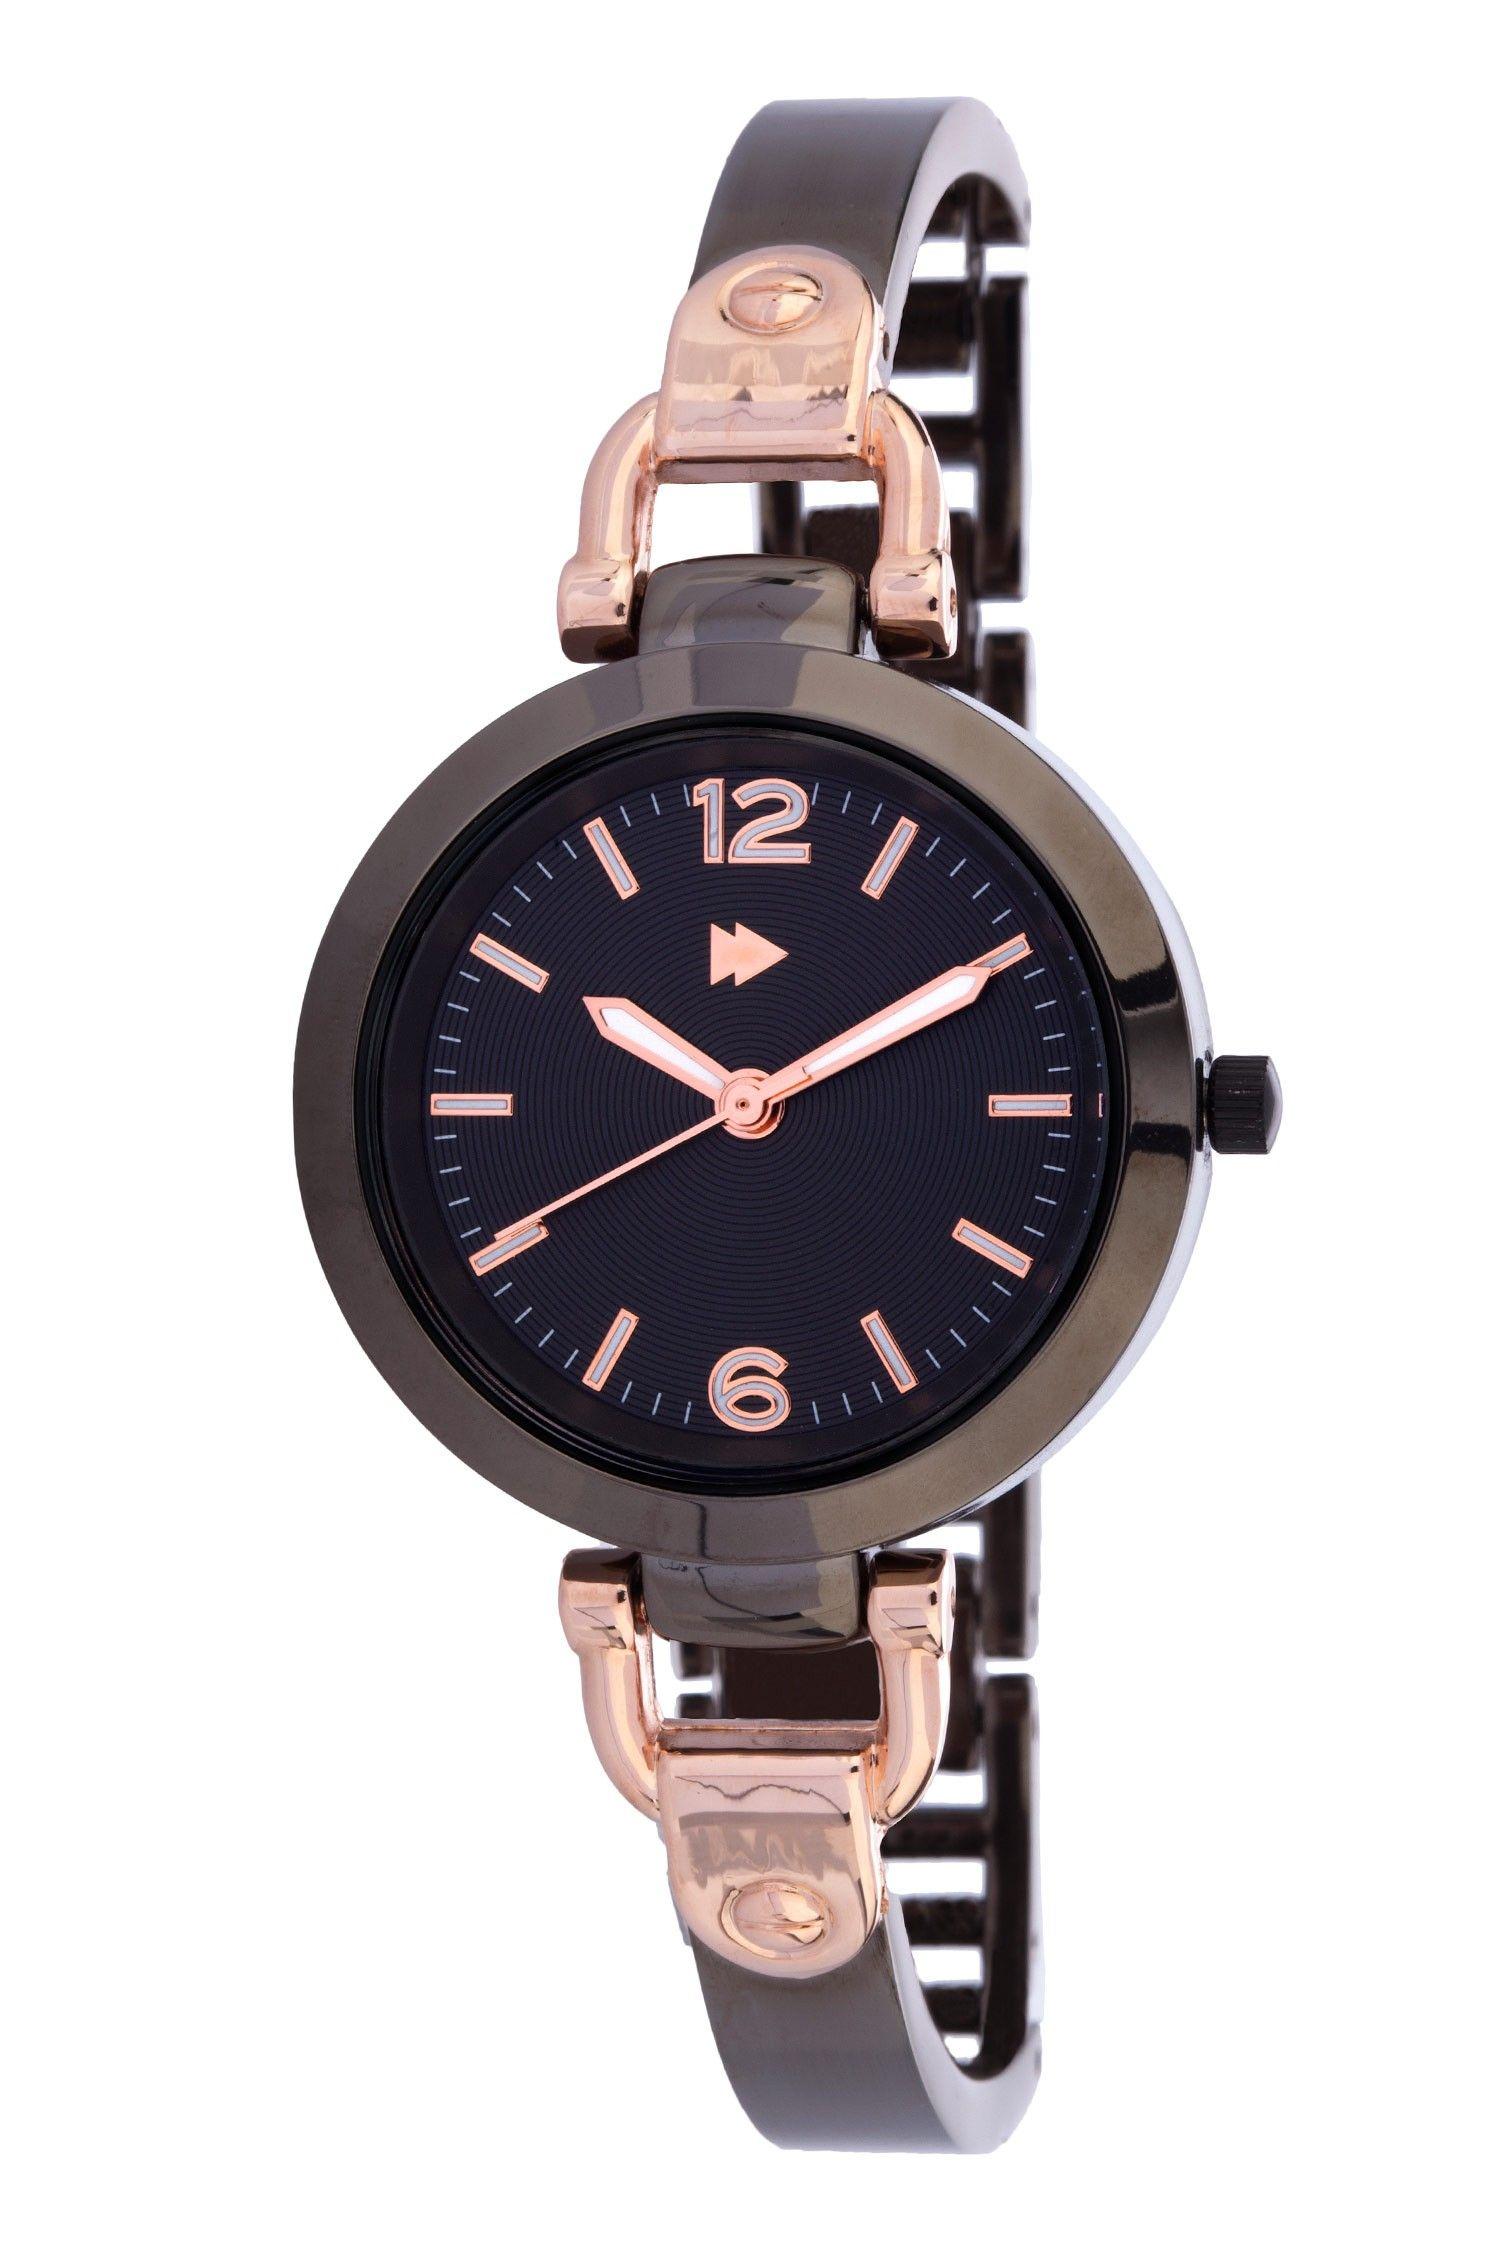 Siyah Kadin Klasik Saat 181089 Defacto Bayan Saatleri Kadin Saatler